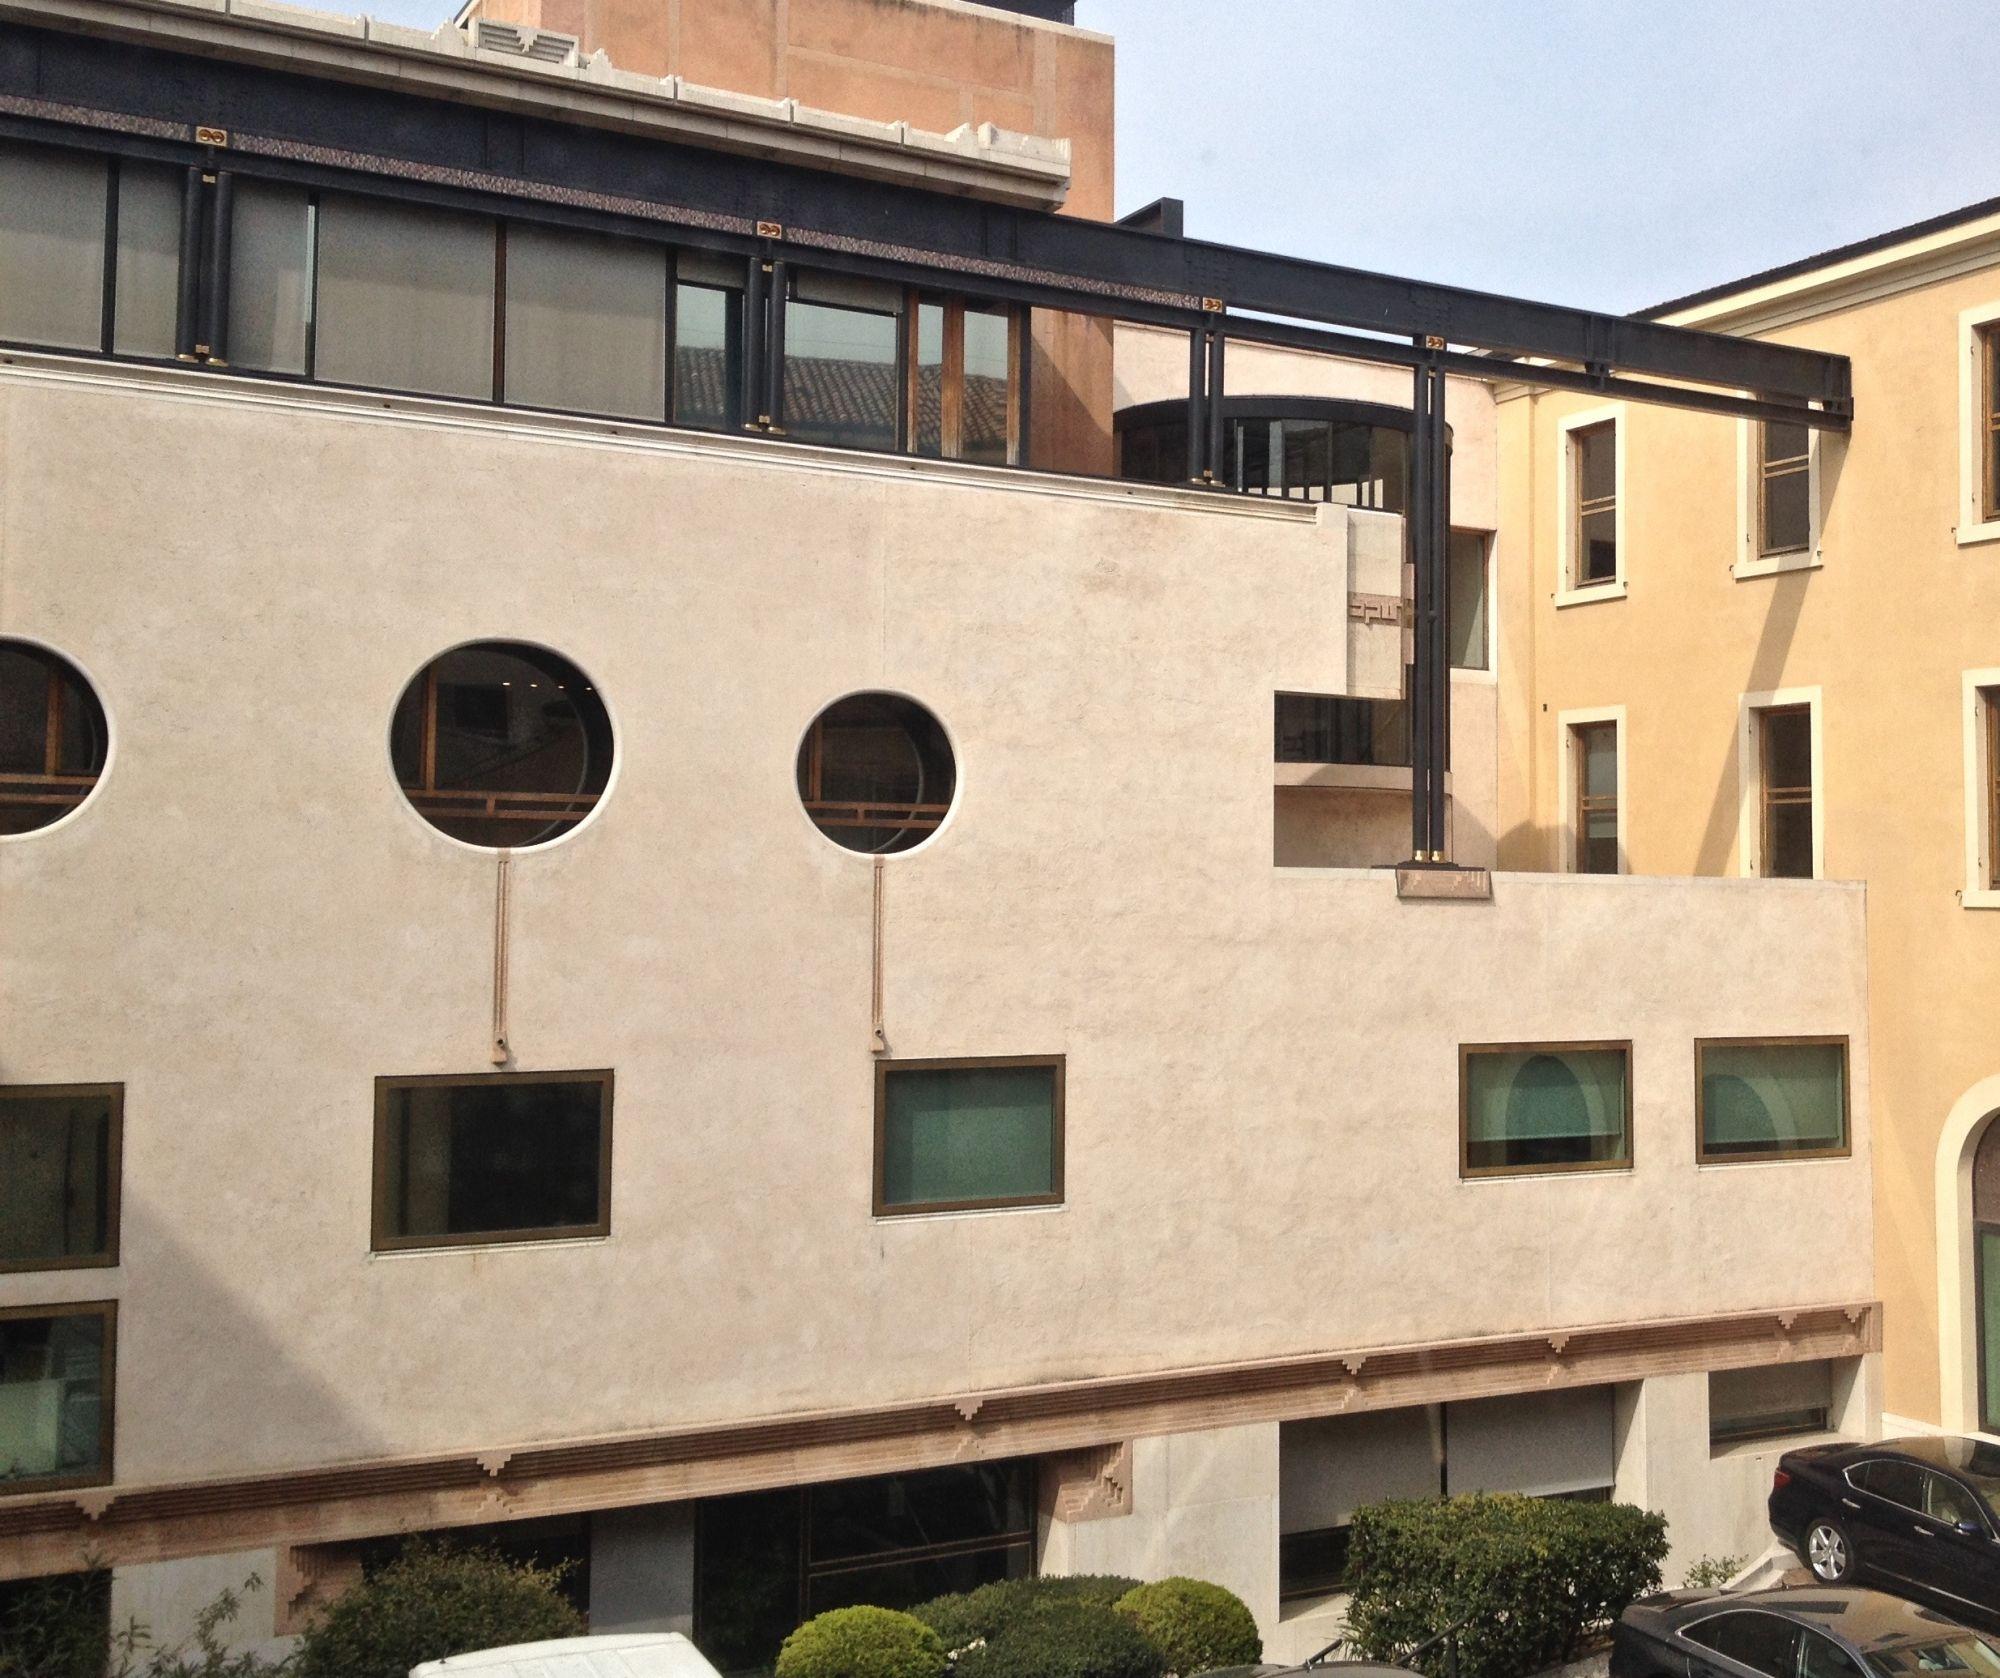 banca popolare di verona - Google Search   Building, Multi ...